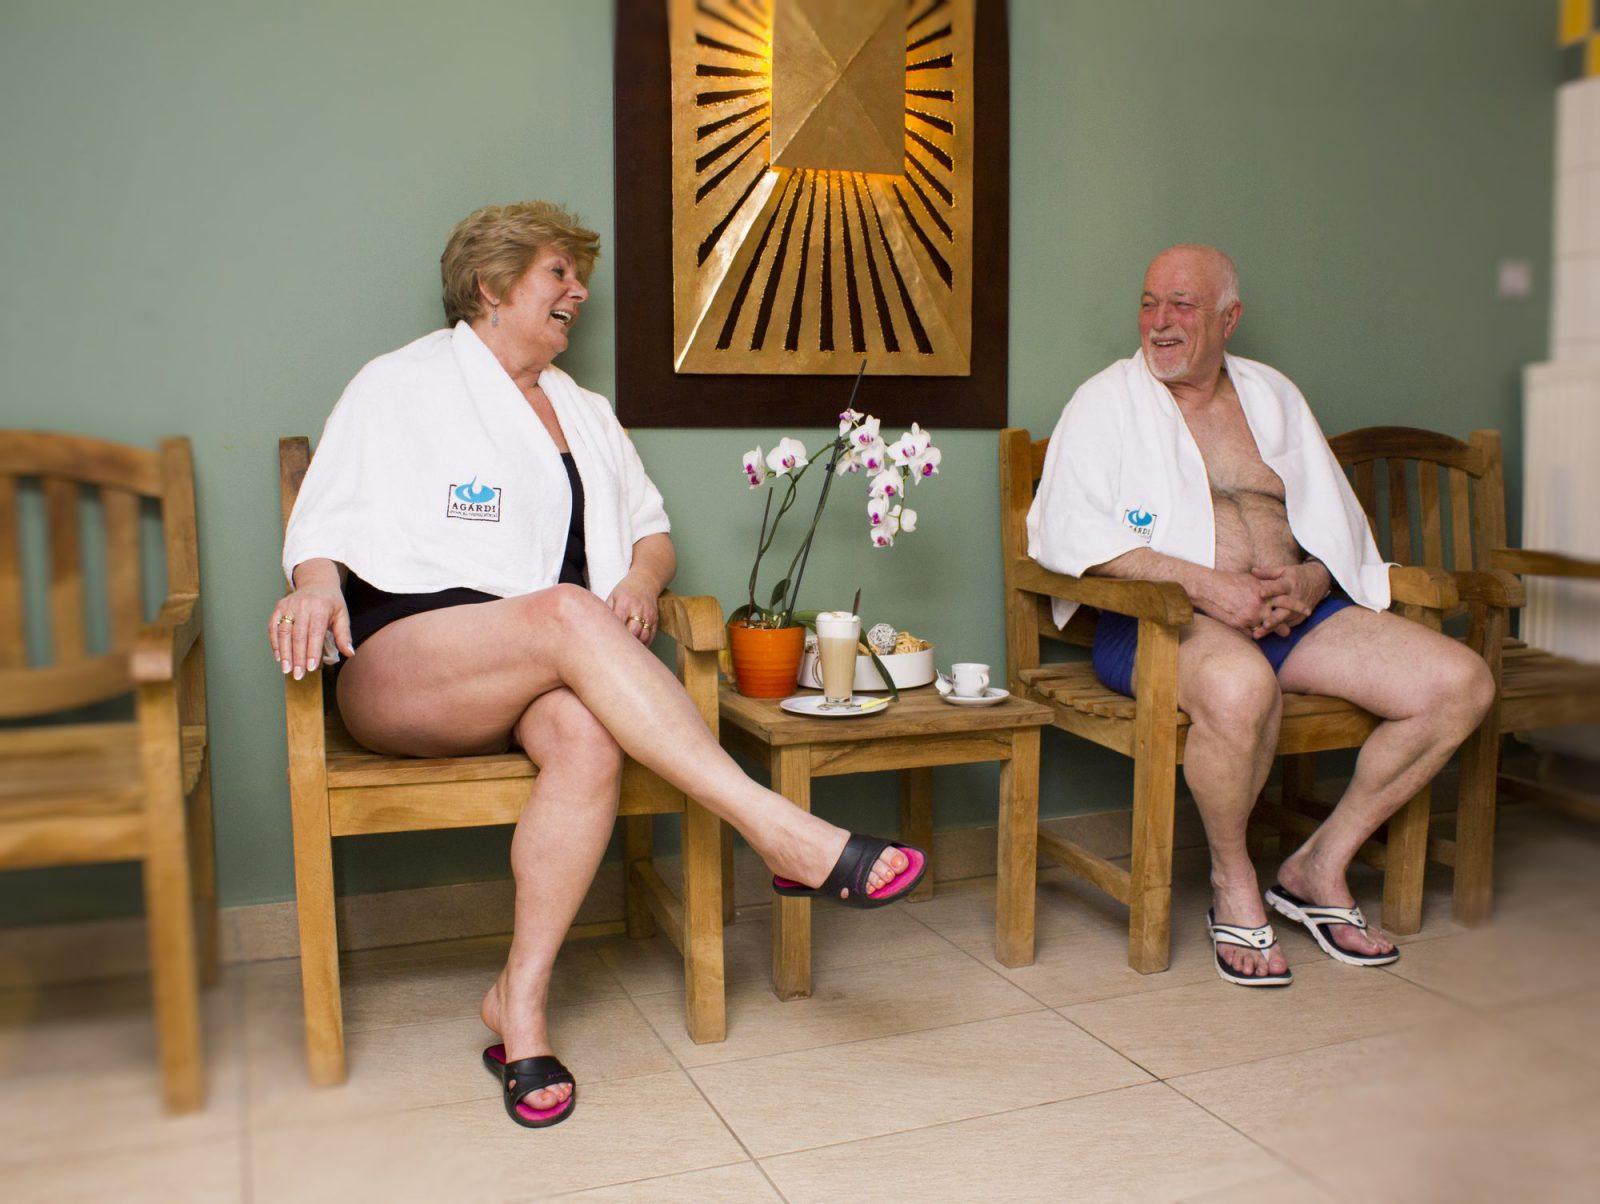 A kedvezményes fürdőbelépést biztosító támogatás kerete a mai napon kimerült.